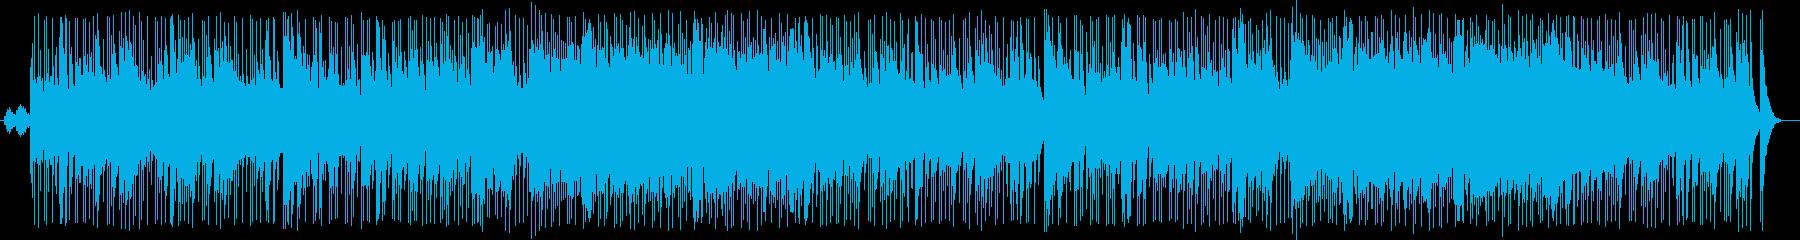 疾走感あるメロディアスなシンセポップスの再生済みの波形